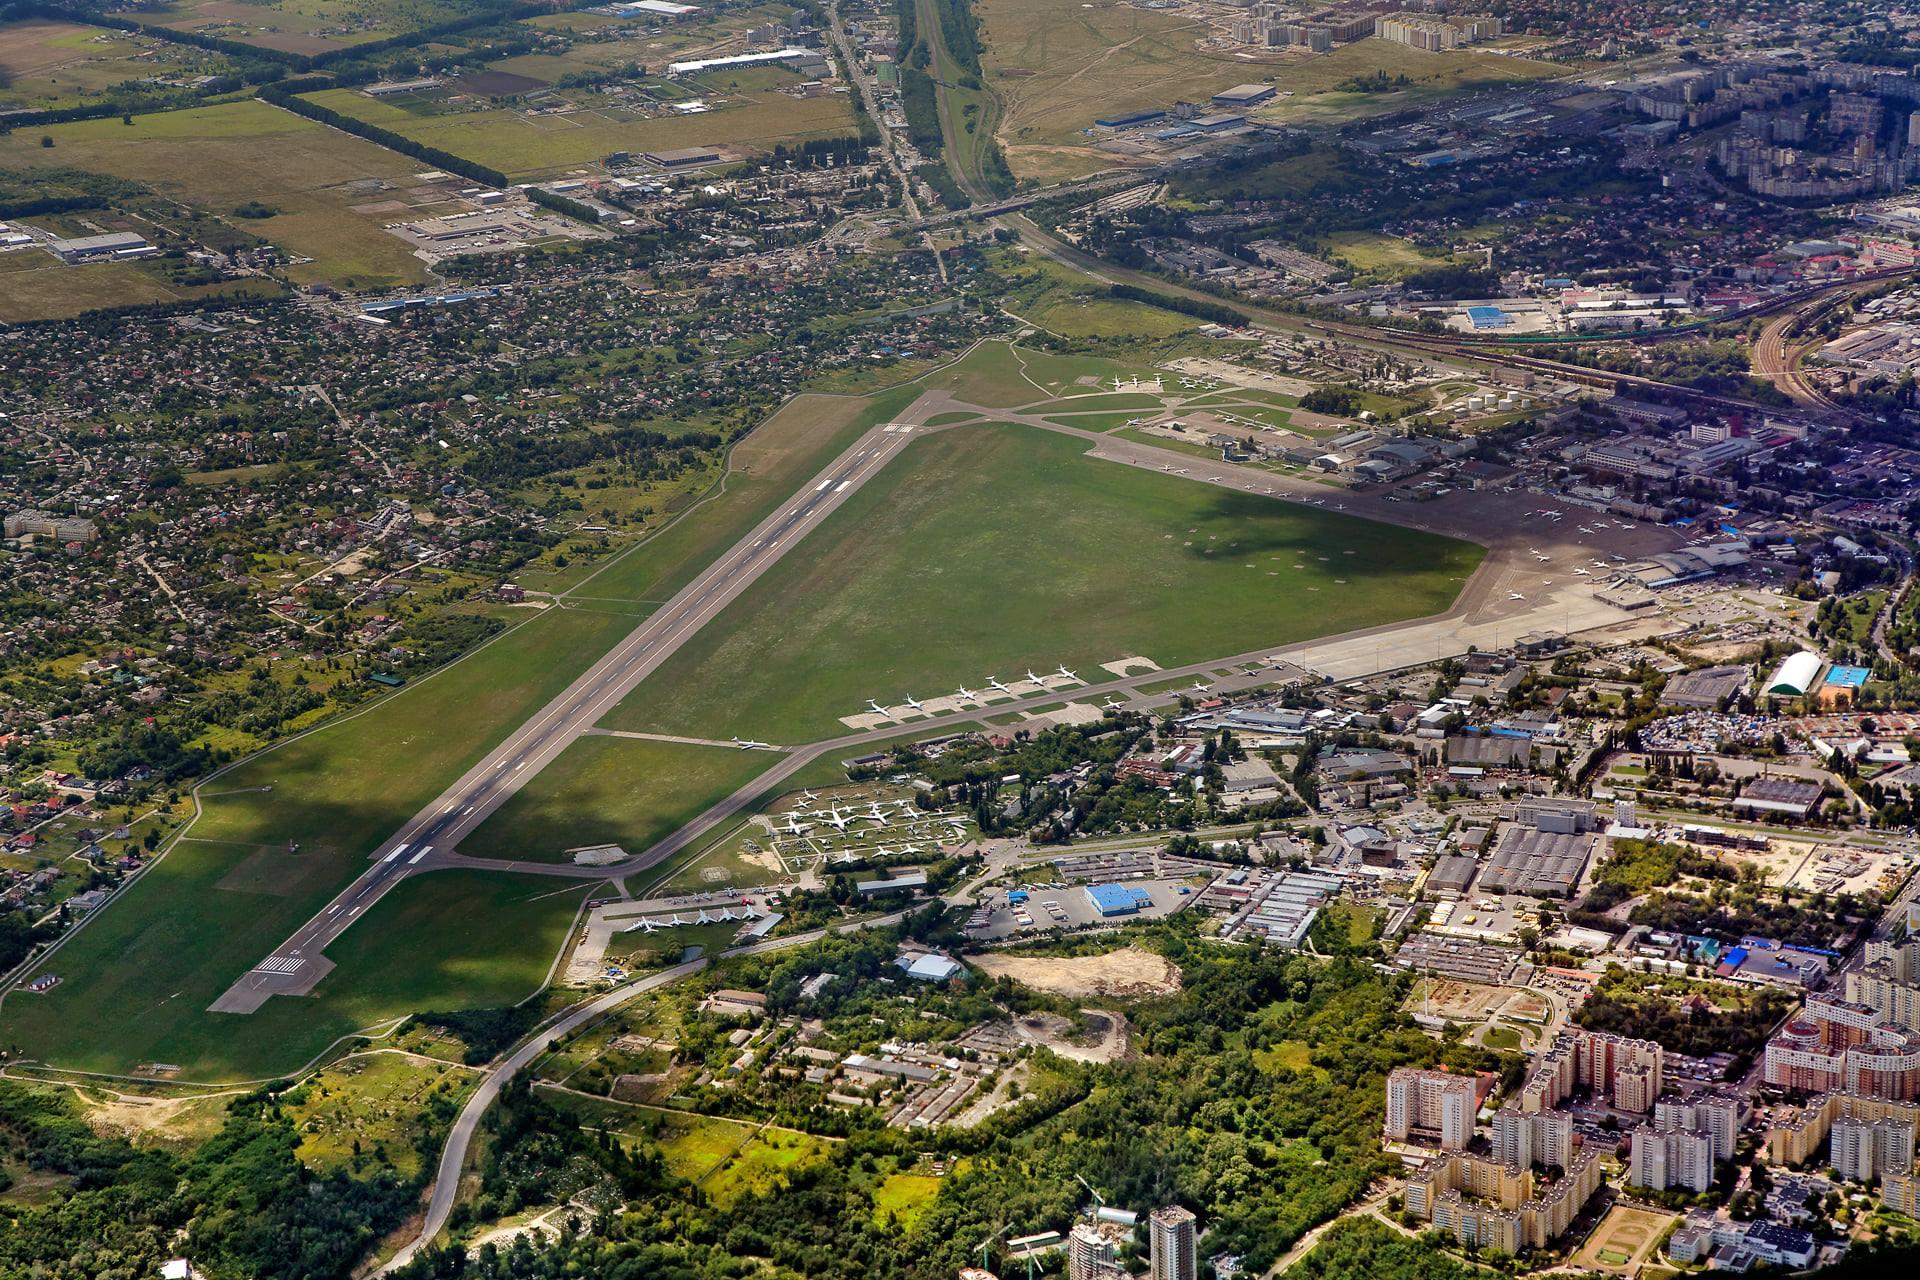 """Аеропорт «Київ» планують розширити - реконструкція, аеропорт """"Київ"""" - 142739469 1872278299577463 5047474945934803782 o"""